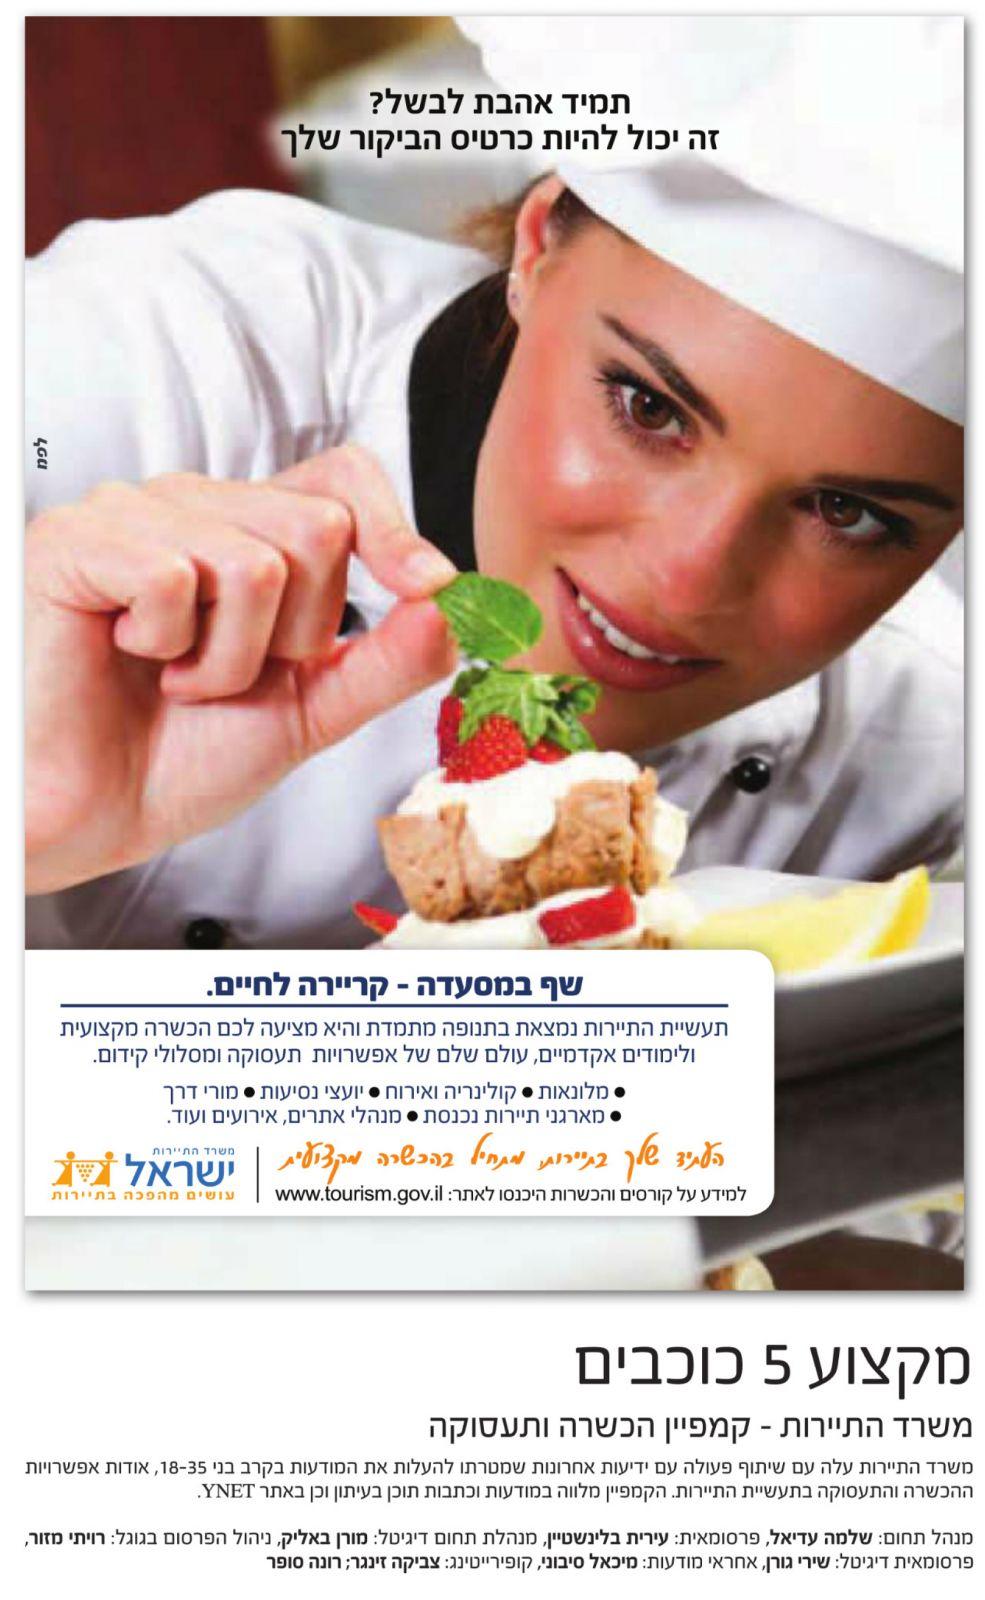 """""""הקמפיין מלווה במודעות וכתבות תוכן בעיתון וכן באתר ynet"""" (מתוך מגזין לפ""""מ)"""